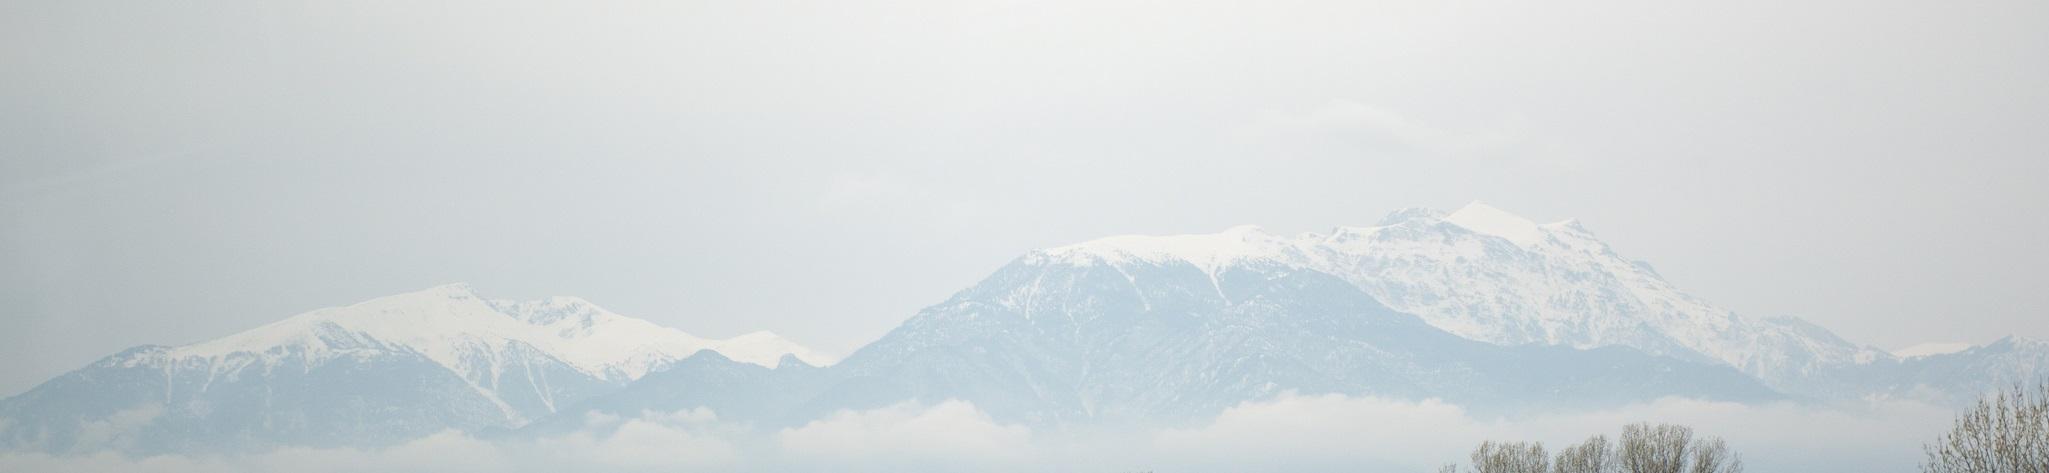 Mount Olympus in winter, 115 kb